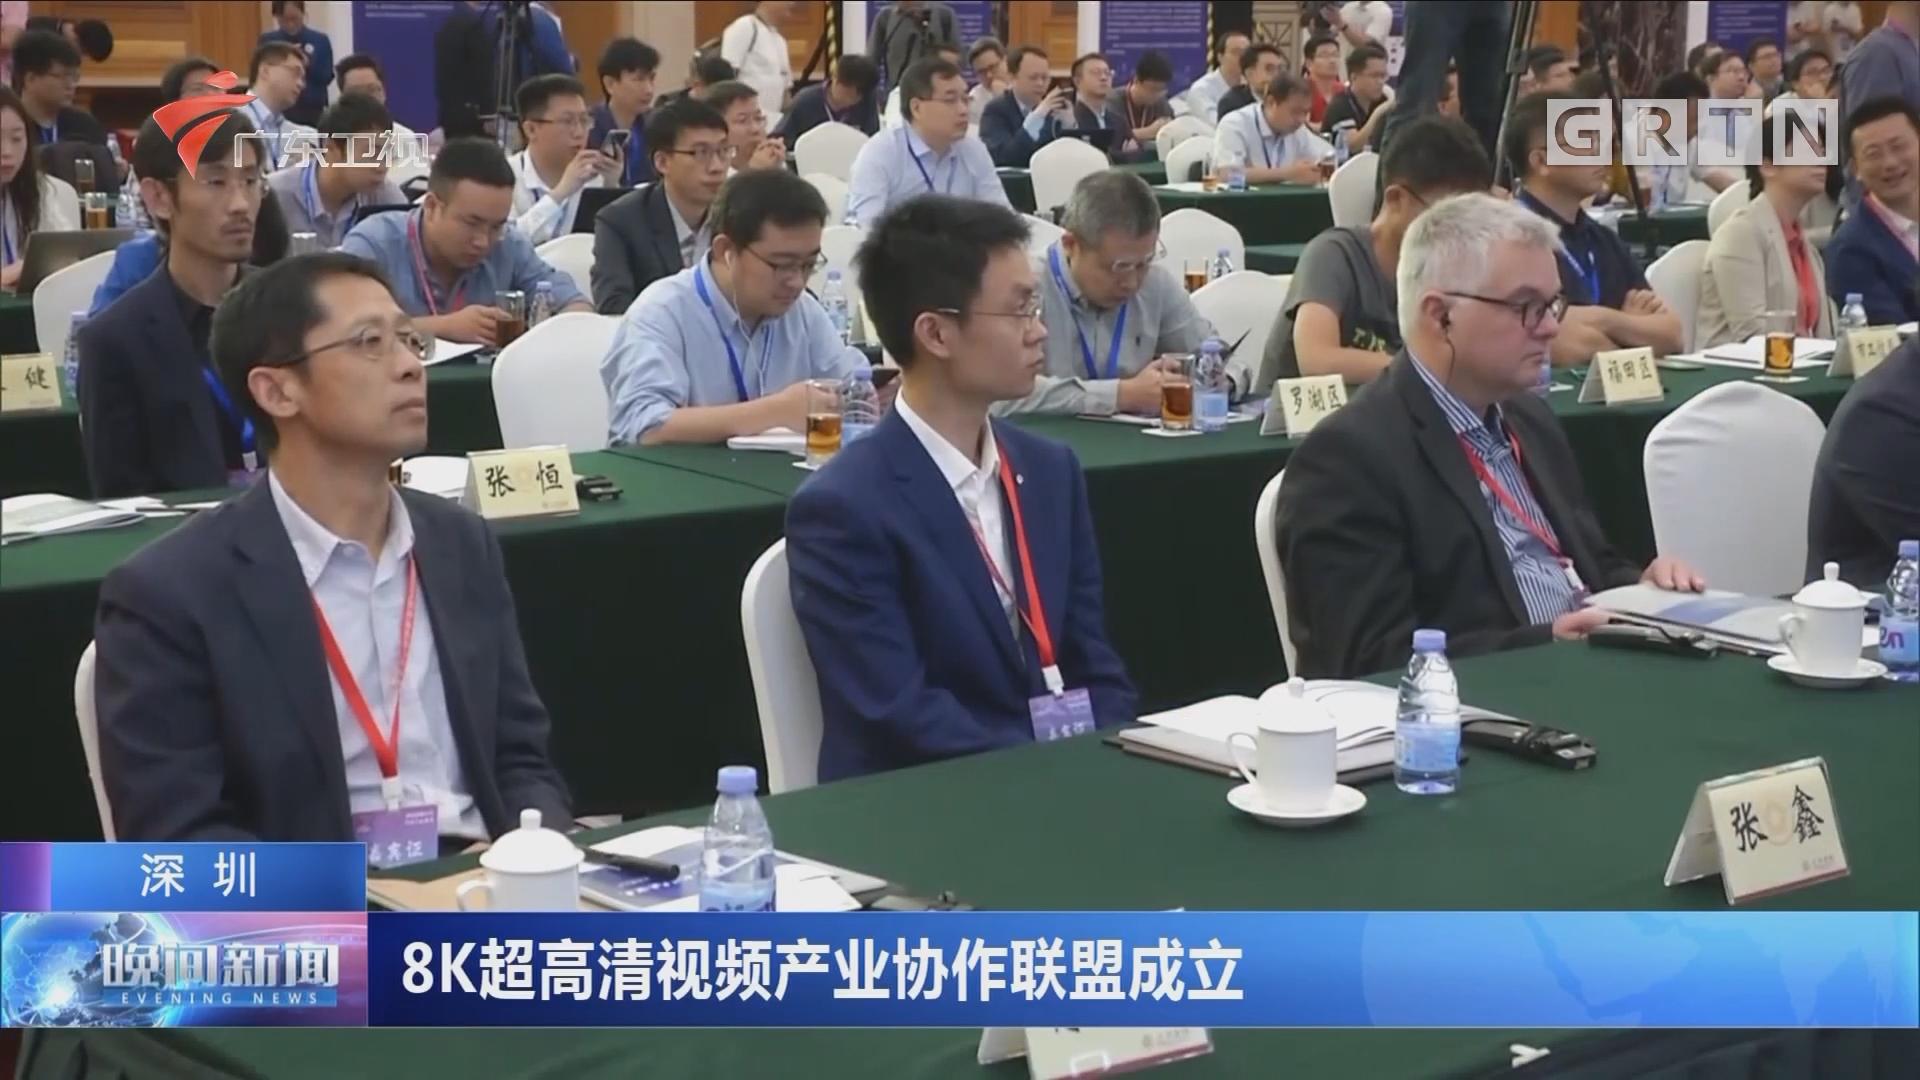 深圳:8K超高清视频产业协作联盟成立